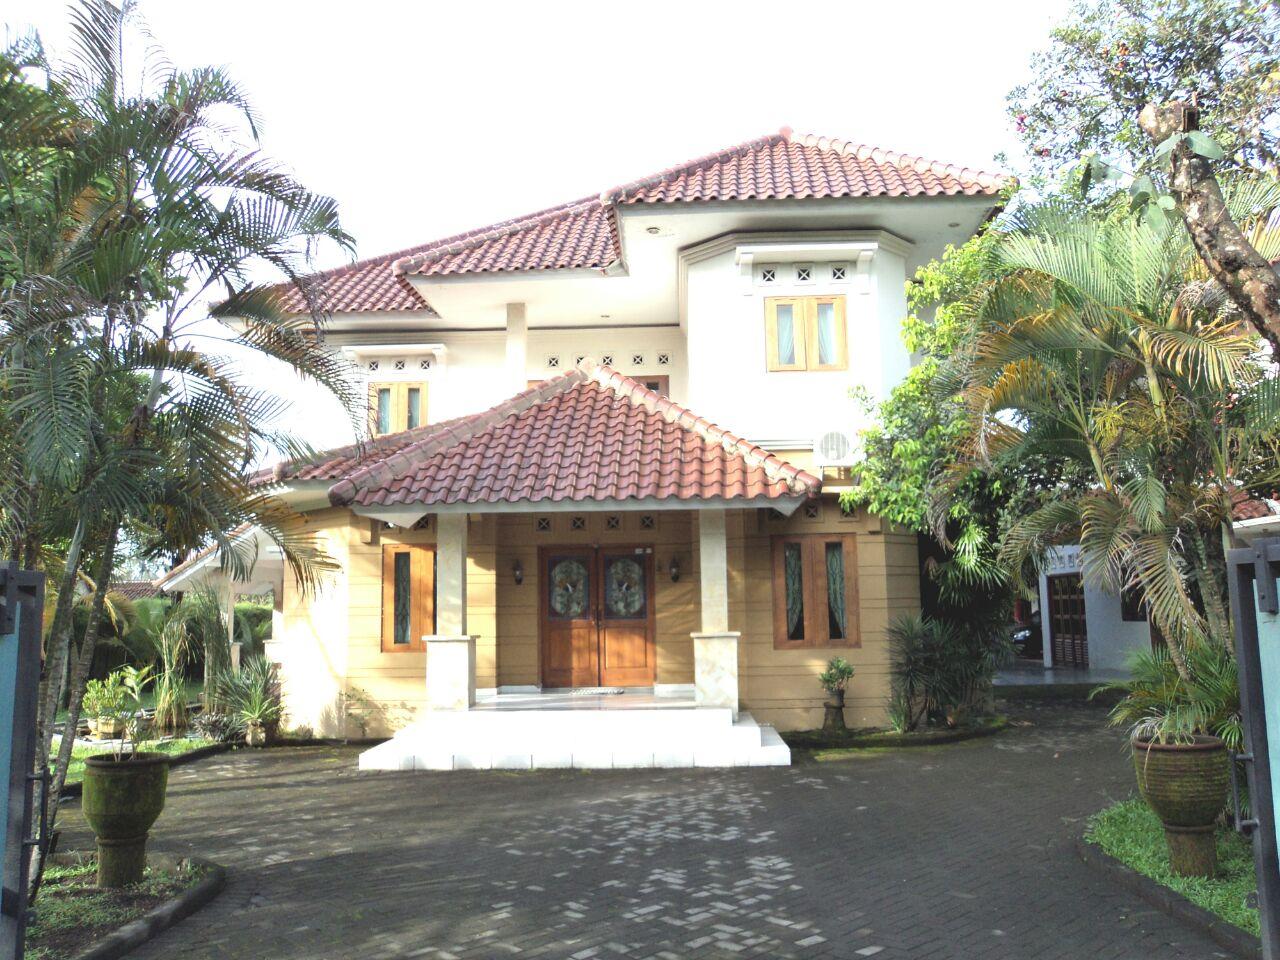 Multimedia Dan Wisata Jogja Jual Rumah Mewah Di Sleman Jogja Cari Rumah Di Sleman Jogjakarta Jual Villa Mewah Di Yogyakarta Rumah Mewah Di Jogja